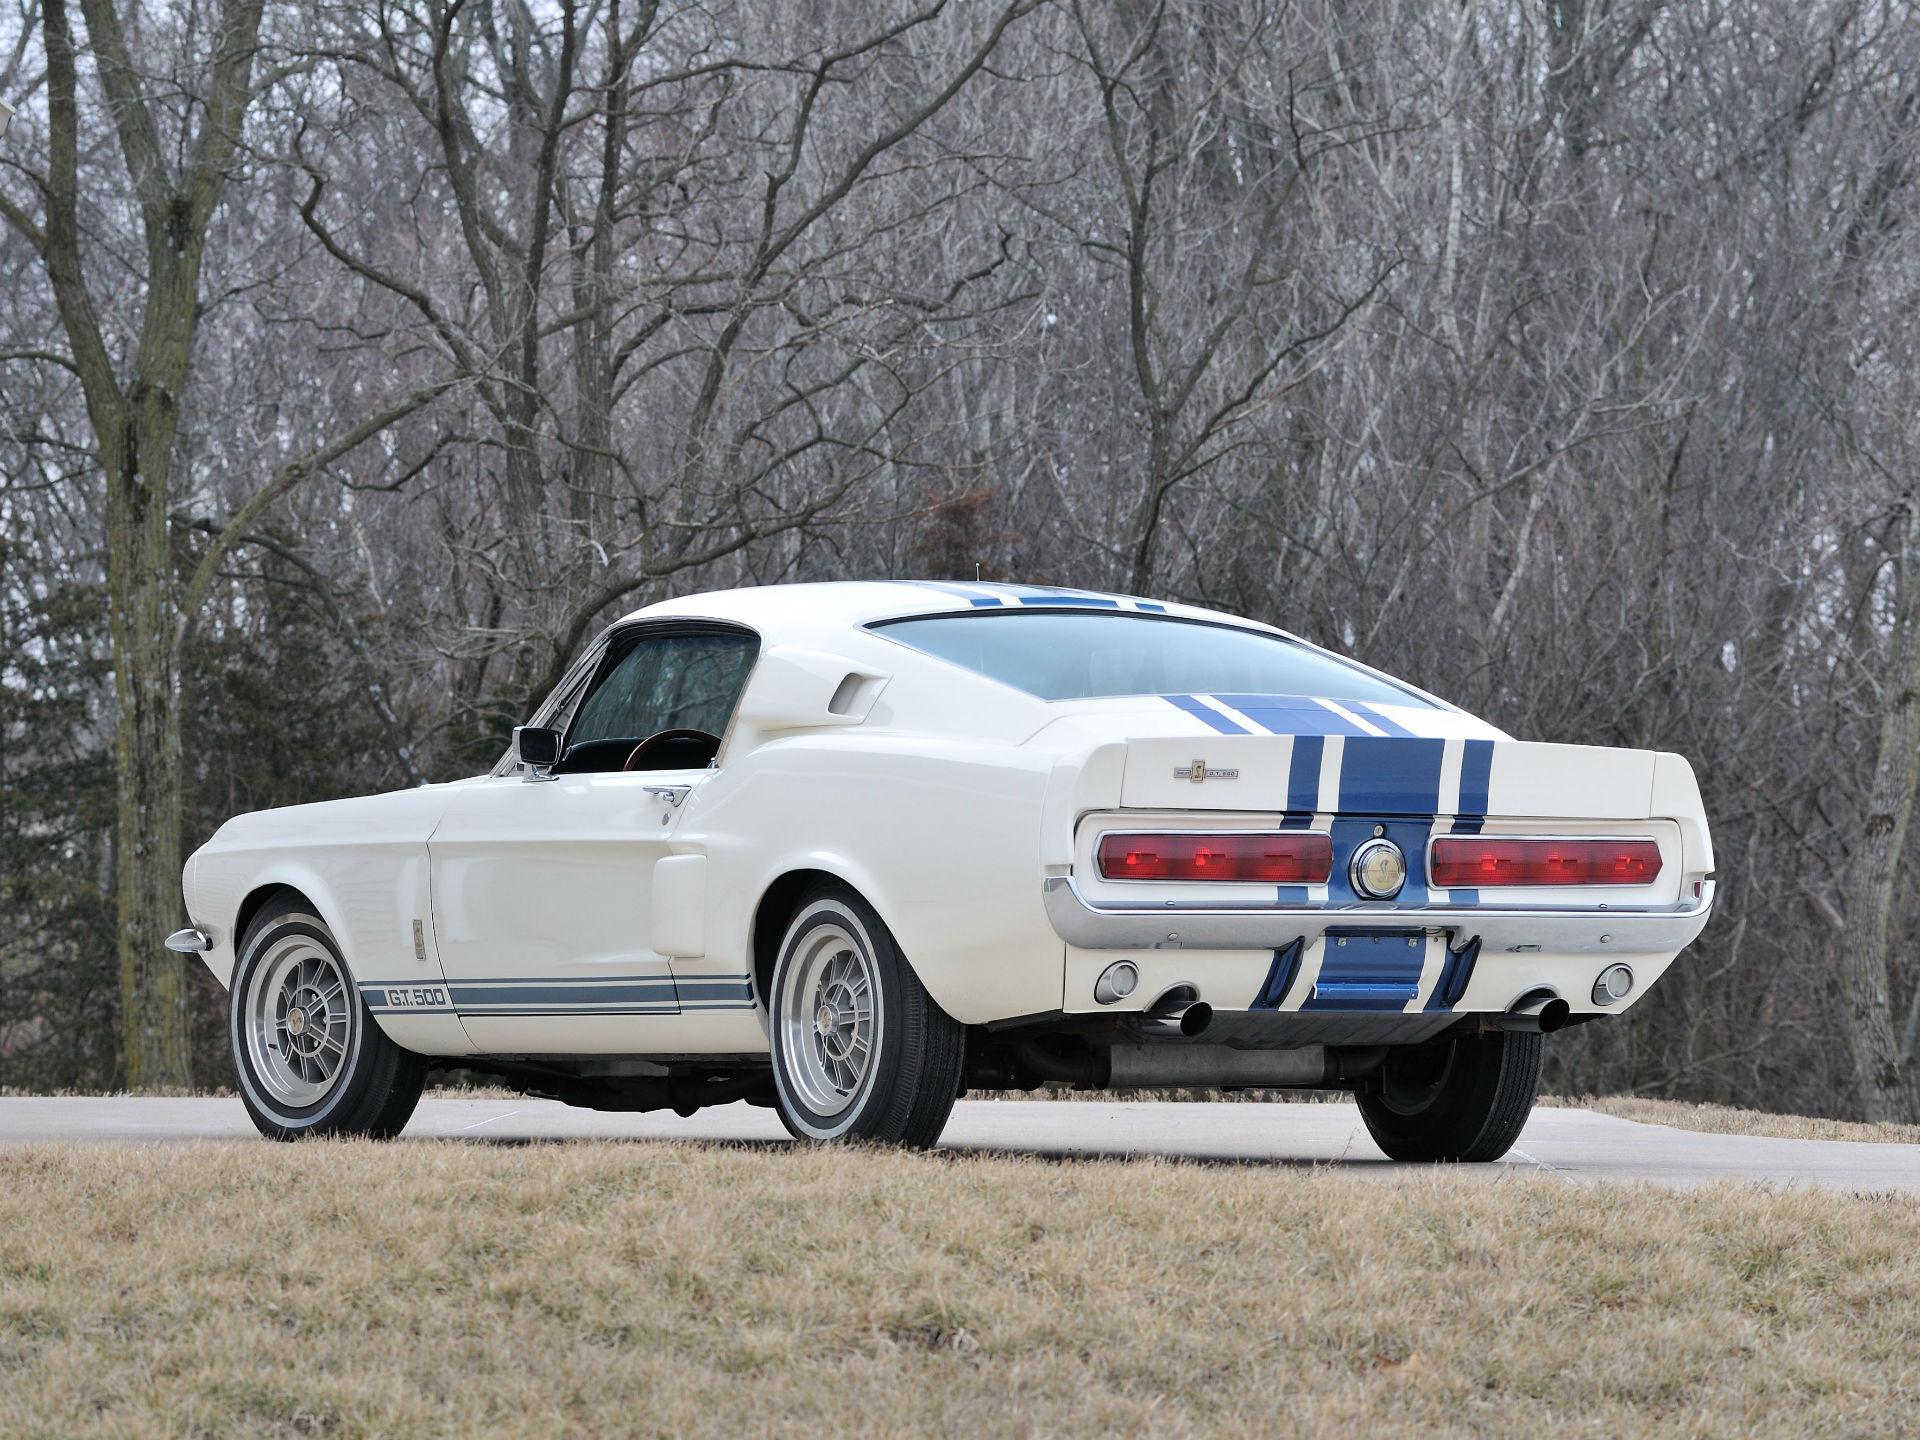 FORD SHELBY GT 500. En 1967 los ingenieros de Ford desarrollaron éste fastback propulsado por el mismo motor V8 que portaba el GT 40. Querían fabricar cincuenta unidades y venderlas por ocho 1.000 dólares. El coste resultó elevado y el proyecto fue cancelado; el prototipo fue vendido en mayo de 2013 por 1.3 millones de dólares. Foto: Flickr